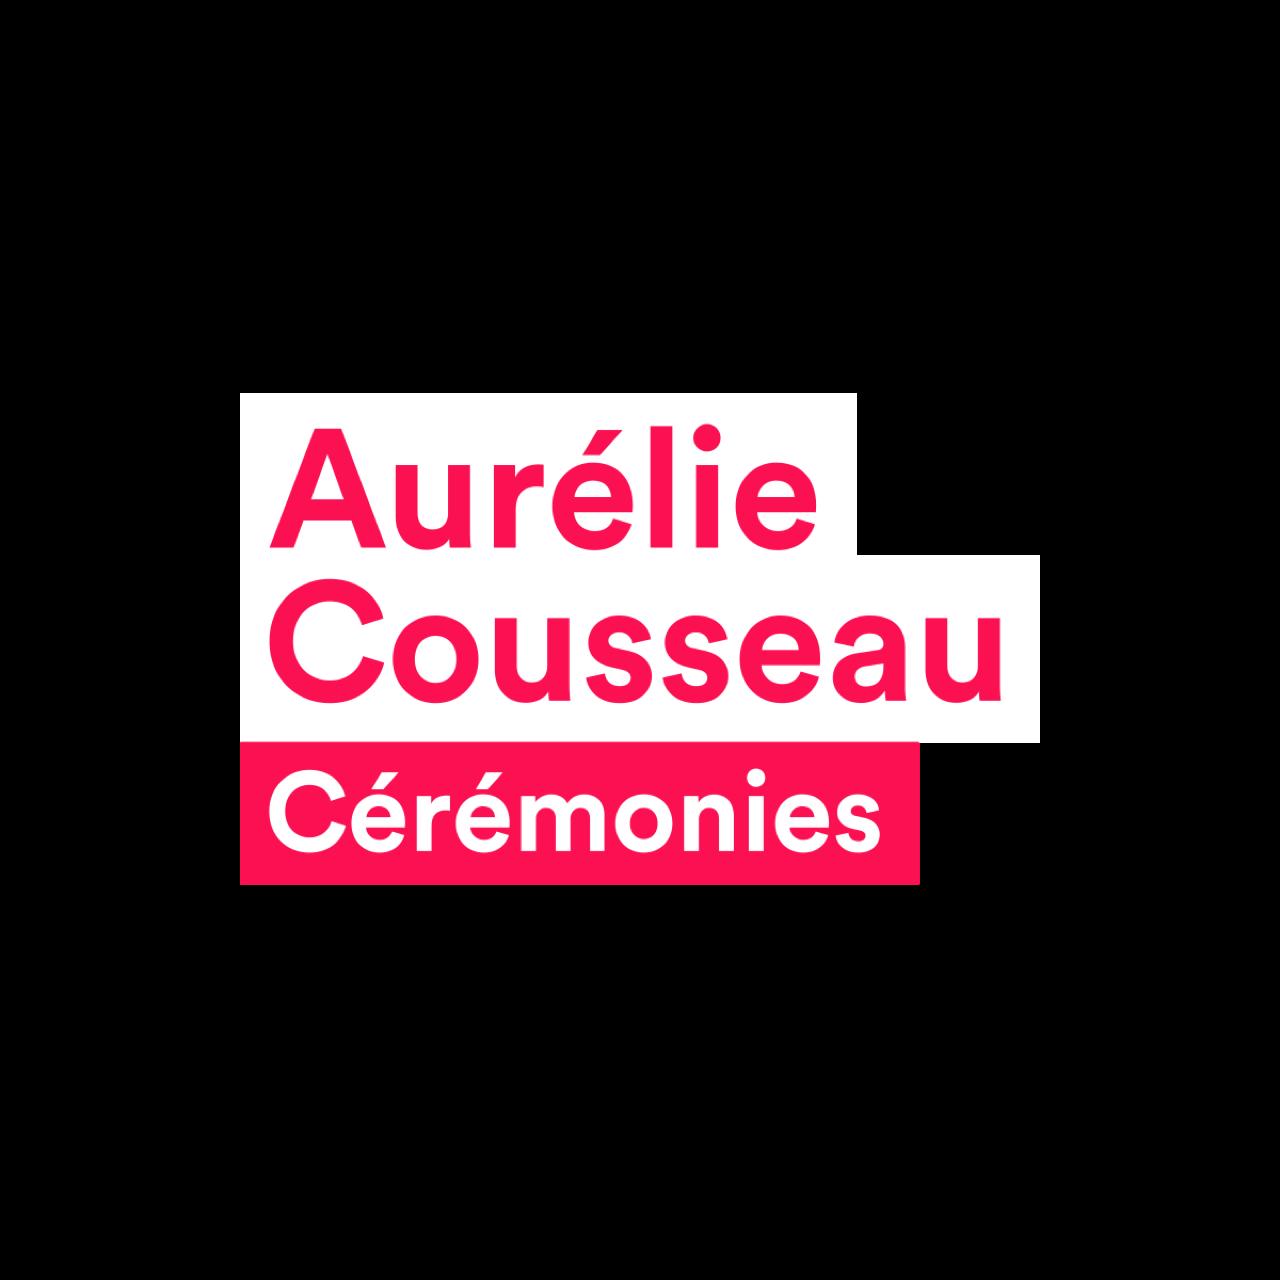 Aurélie Cousseau